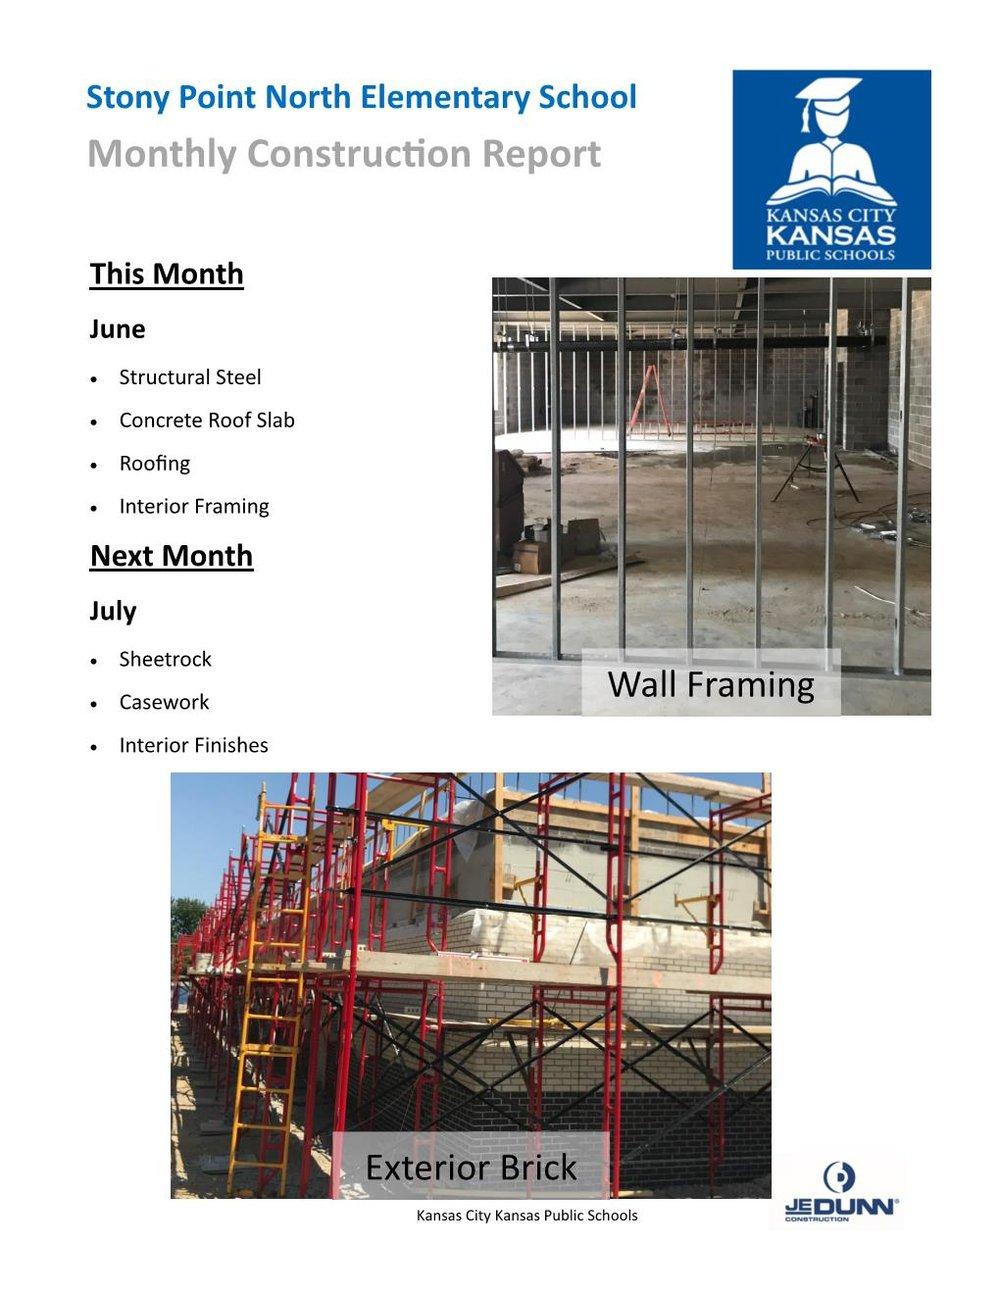 2018.06.15 - WP 04  June Photo Report SPN.jpg